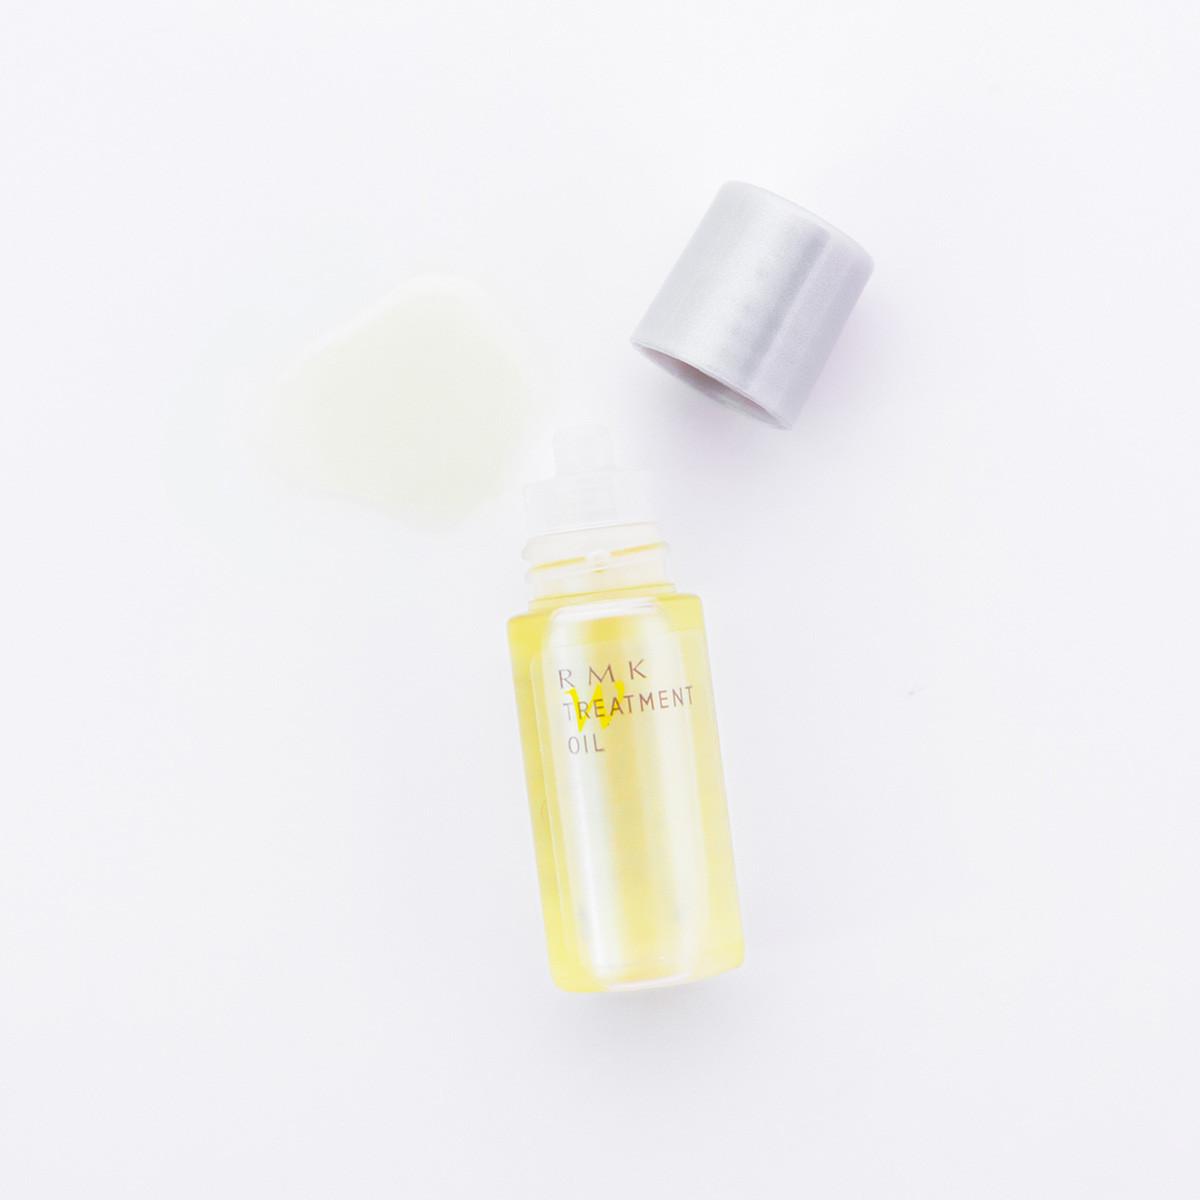 肌をやわらかくするオイル層と、角層をみずみずしく満たすうるおい層からなるプレケア用オイル。ブースター効果だけでなく、乾燥を防いだり、肌のバリア機能もサポート。マルチに使える一本は、「MAQUIA 2013年下半期ベストコスメ」のオイル部門で1位に輝いた実力派。